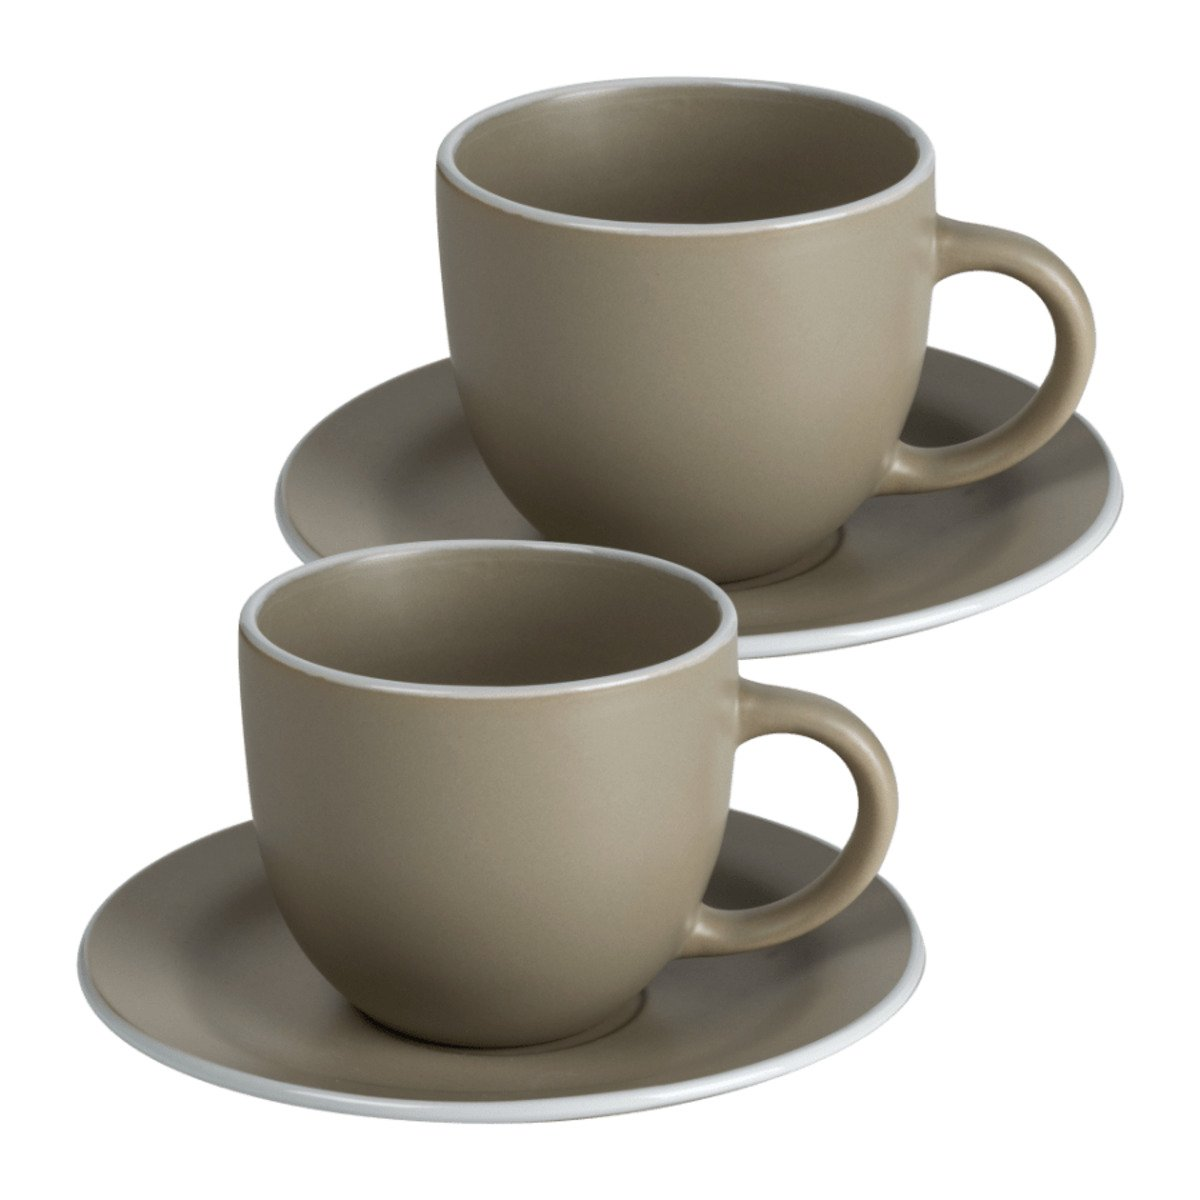 Bild 4 von HOME CREATION     Kaffeetassen / -becher